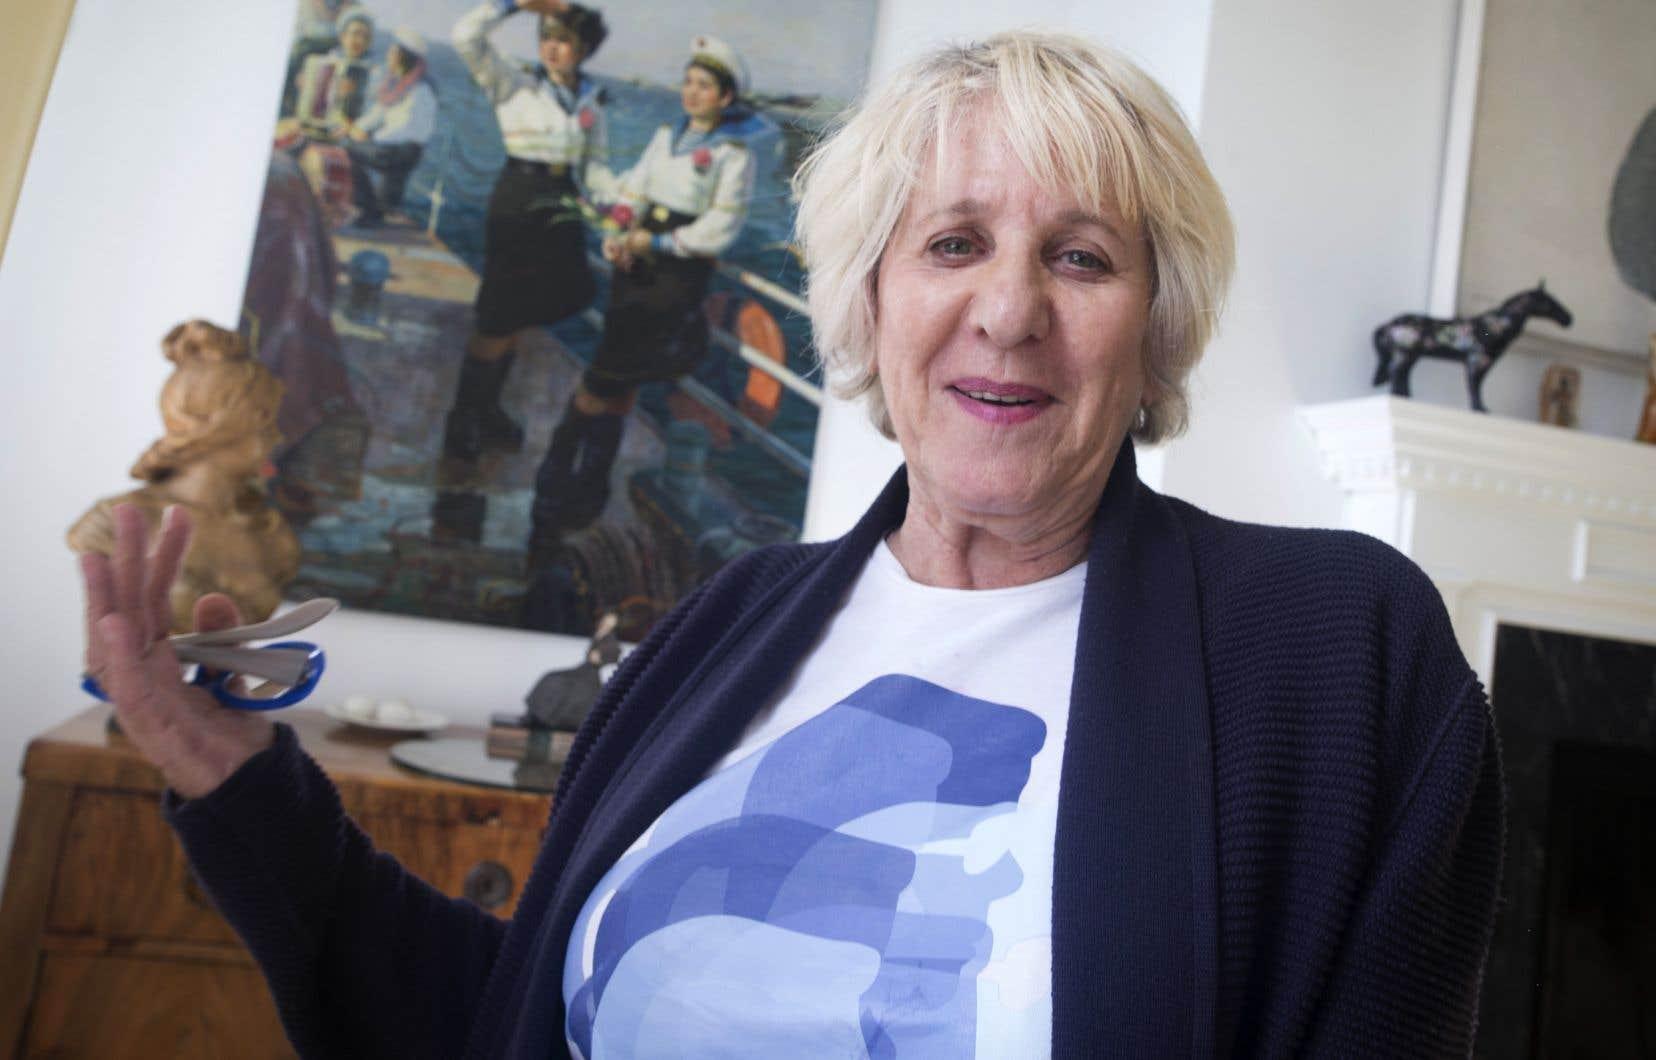 Pour la prochaine édition du Salon international du livre de Québec, qui se tiendra du 7 au 11 avril, une vingtaine d'écrivains québécois et étrangers ont été invités à parler de leurs œuvres lors de rencontres animées pour la plupart par Denise Bombardier.